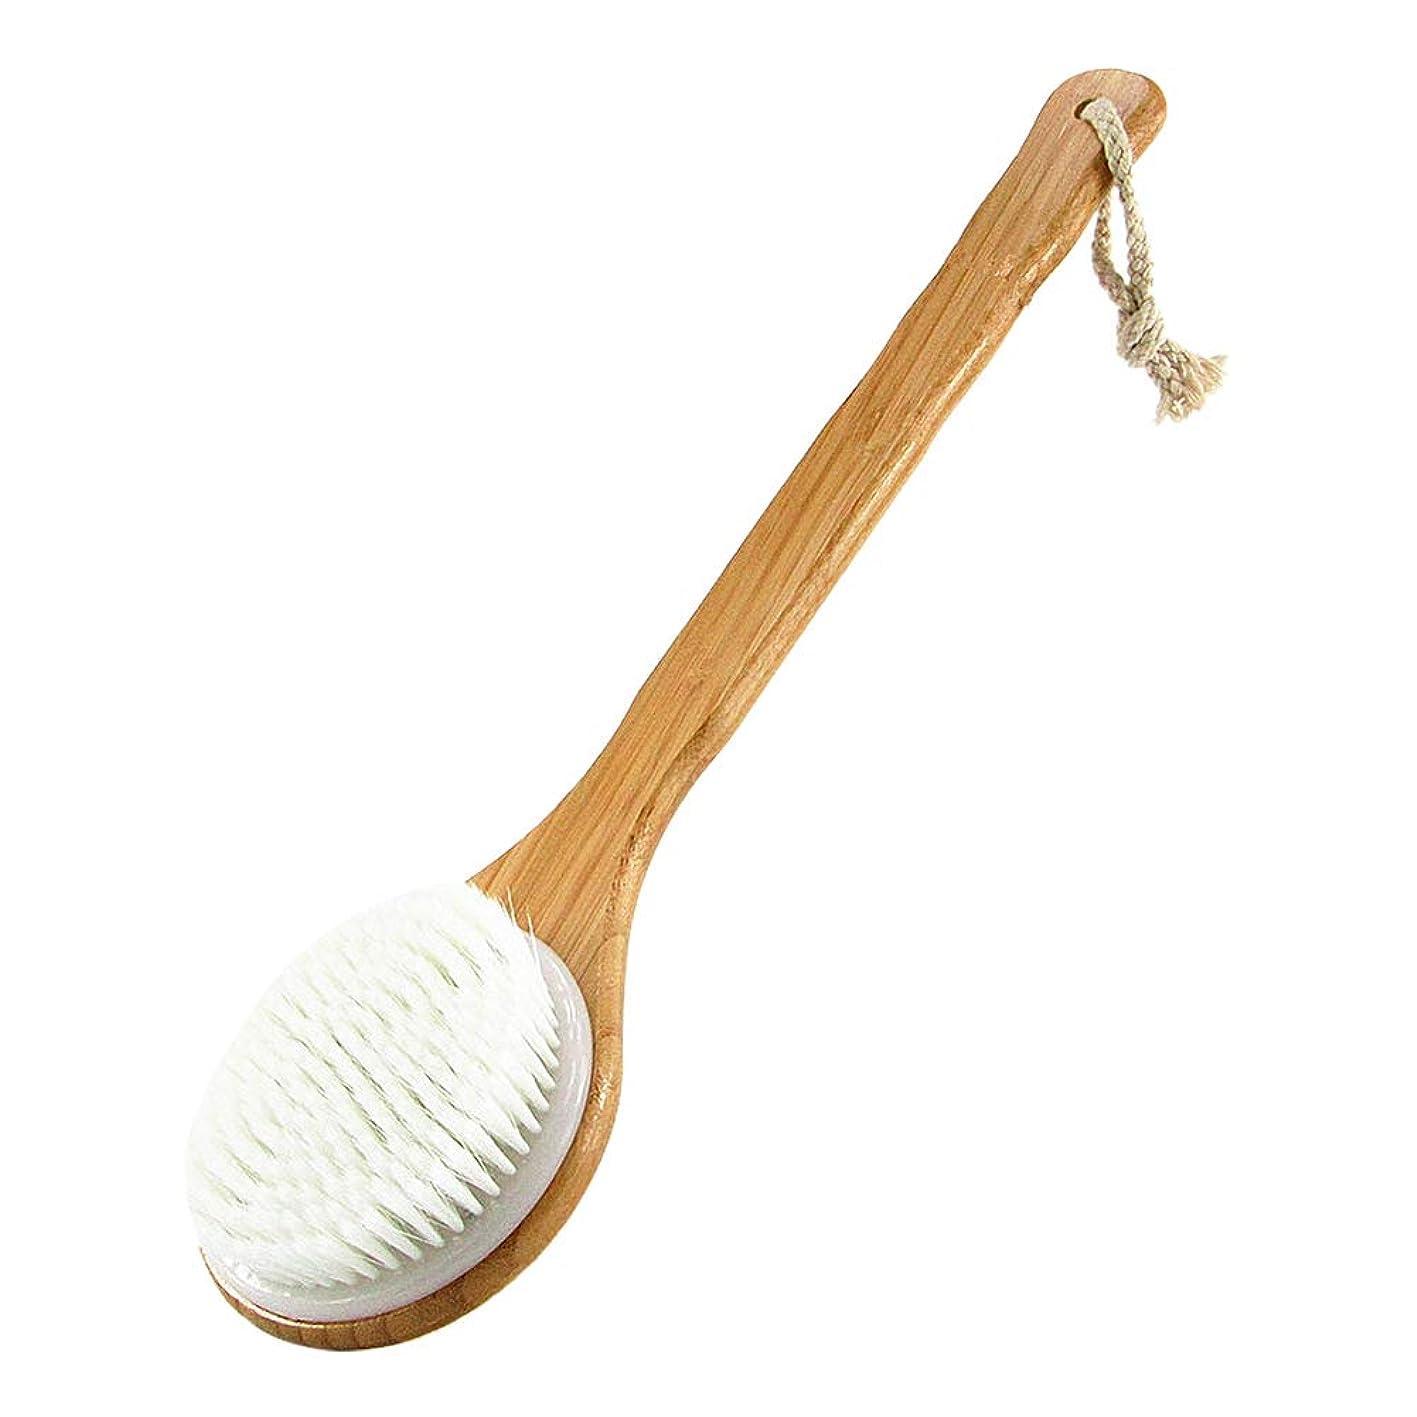 気を散らす英語の授業があります溶岩ZAYAR ボディブラシ 体洗いブラシ 竹製長柄 滑り止め紐 握りやすい 繊維毛 やわらか ソフトタイプ お風呂用 泡立ち抜群 血行促進 角質除去 毛穴洗浄 美肌効果